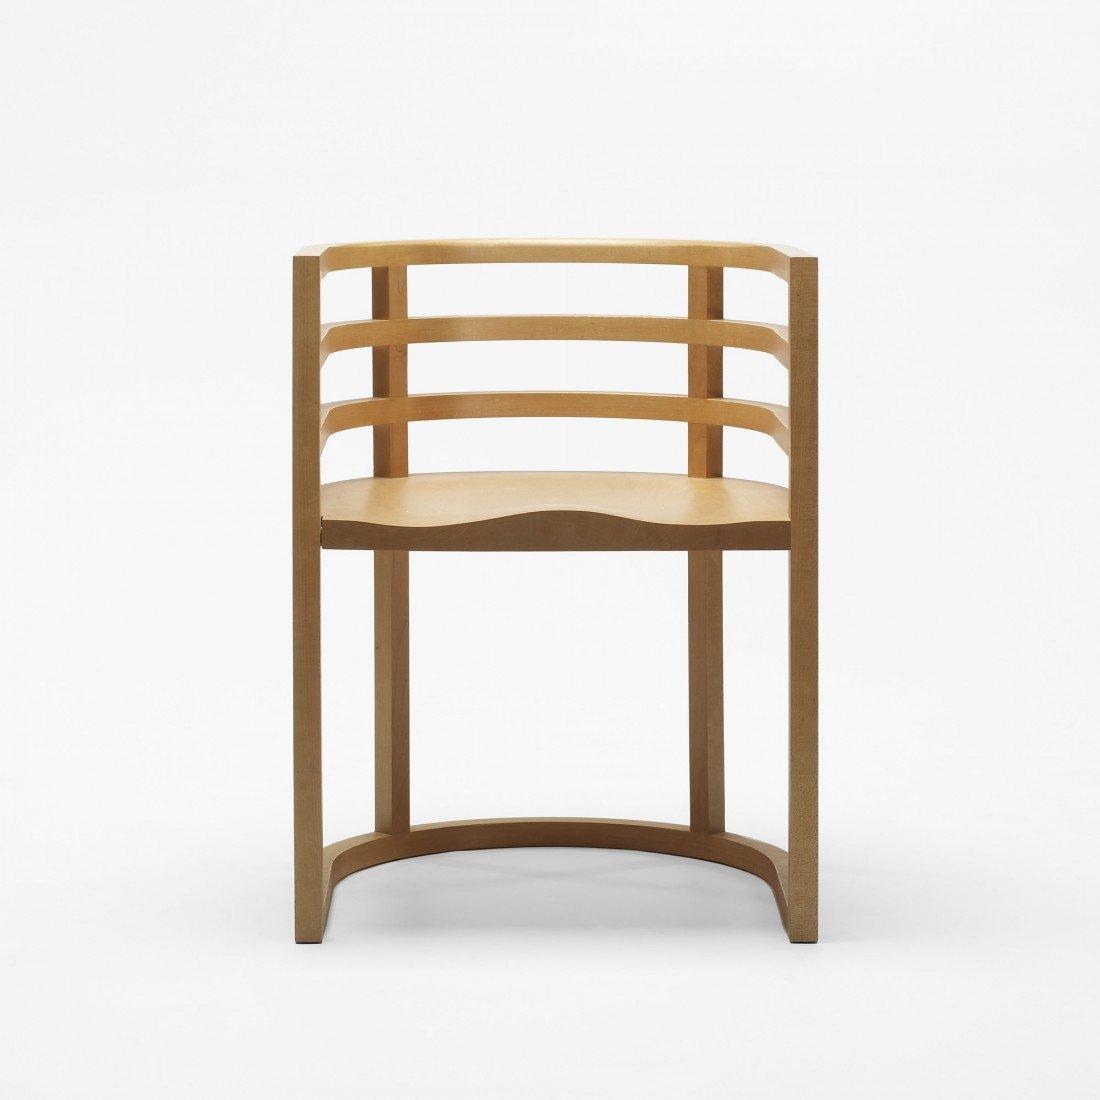 164: Richard Meier pre-production armchair